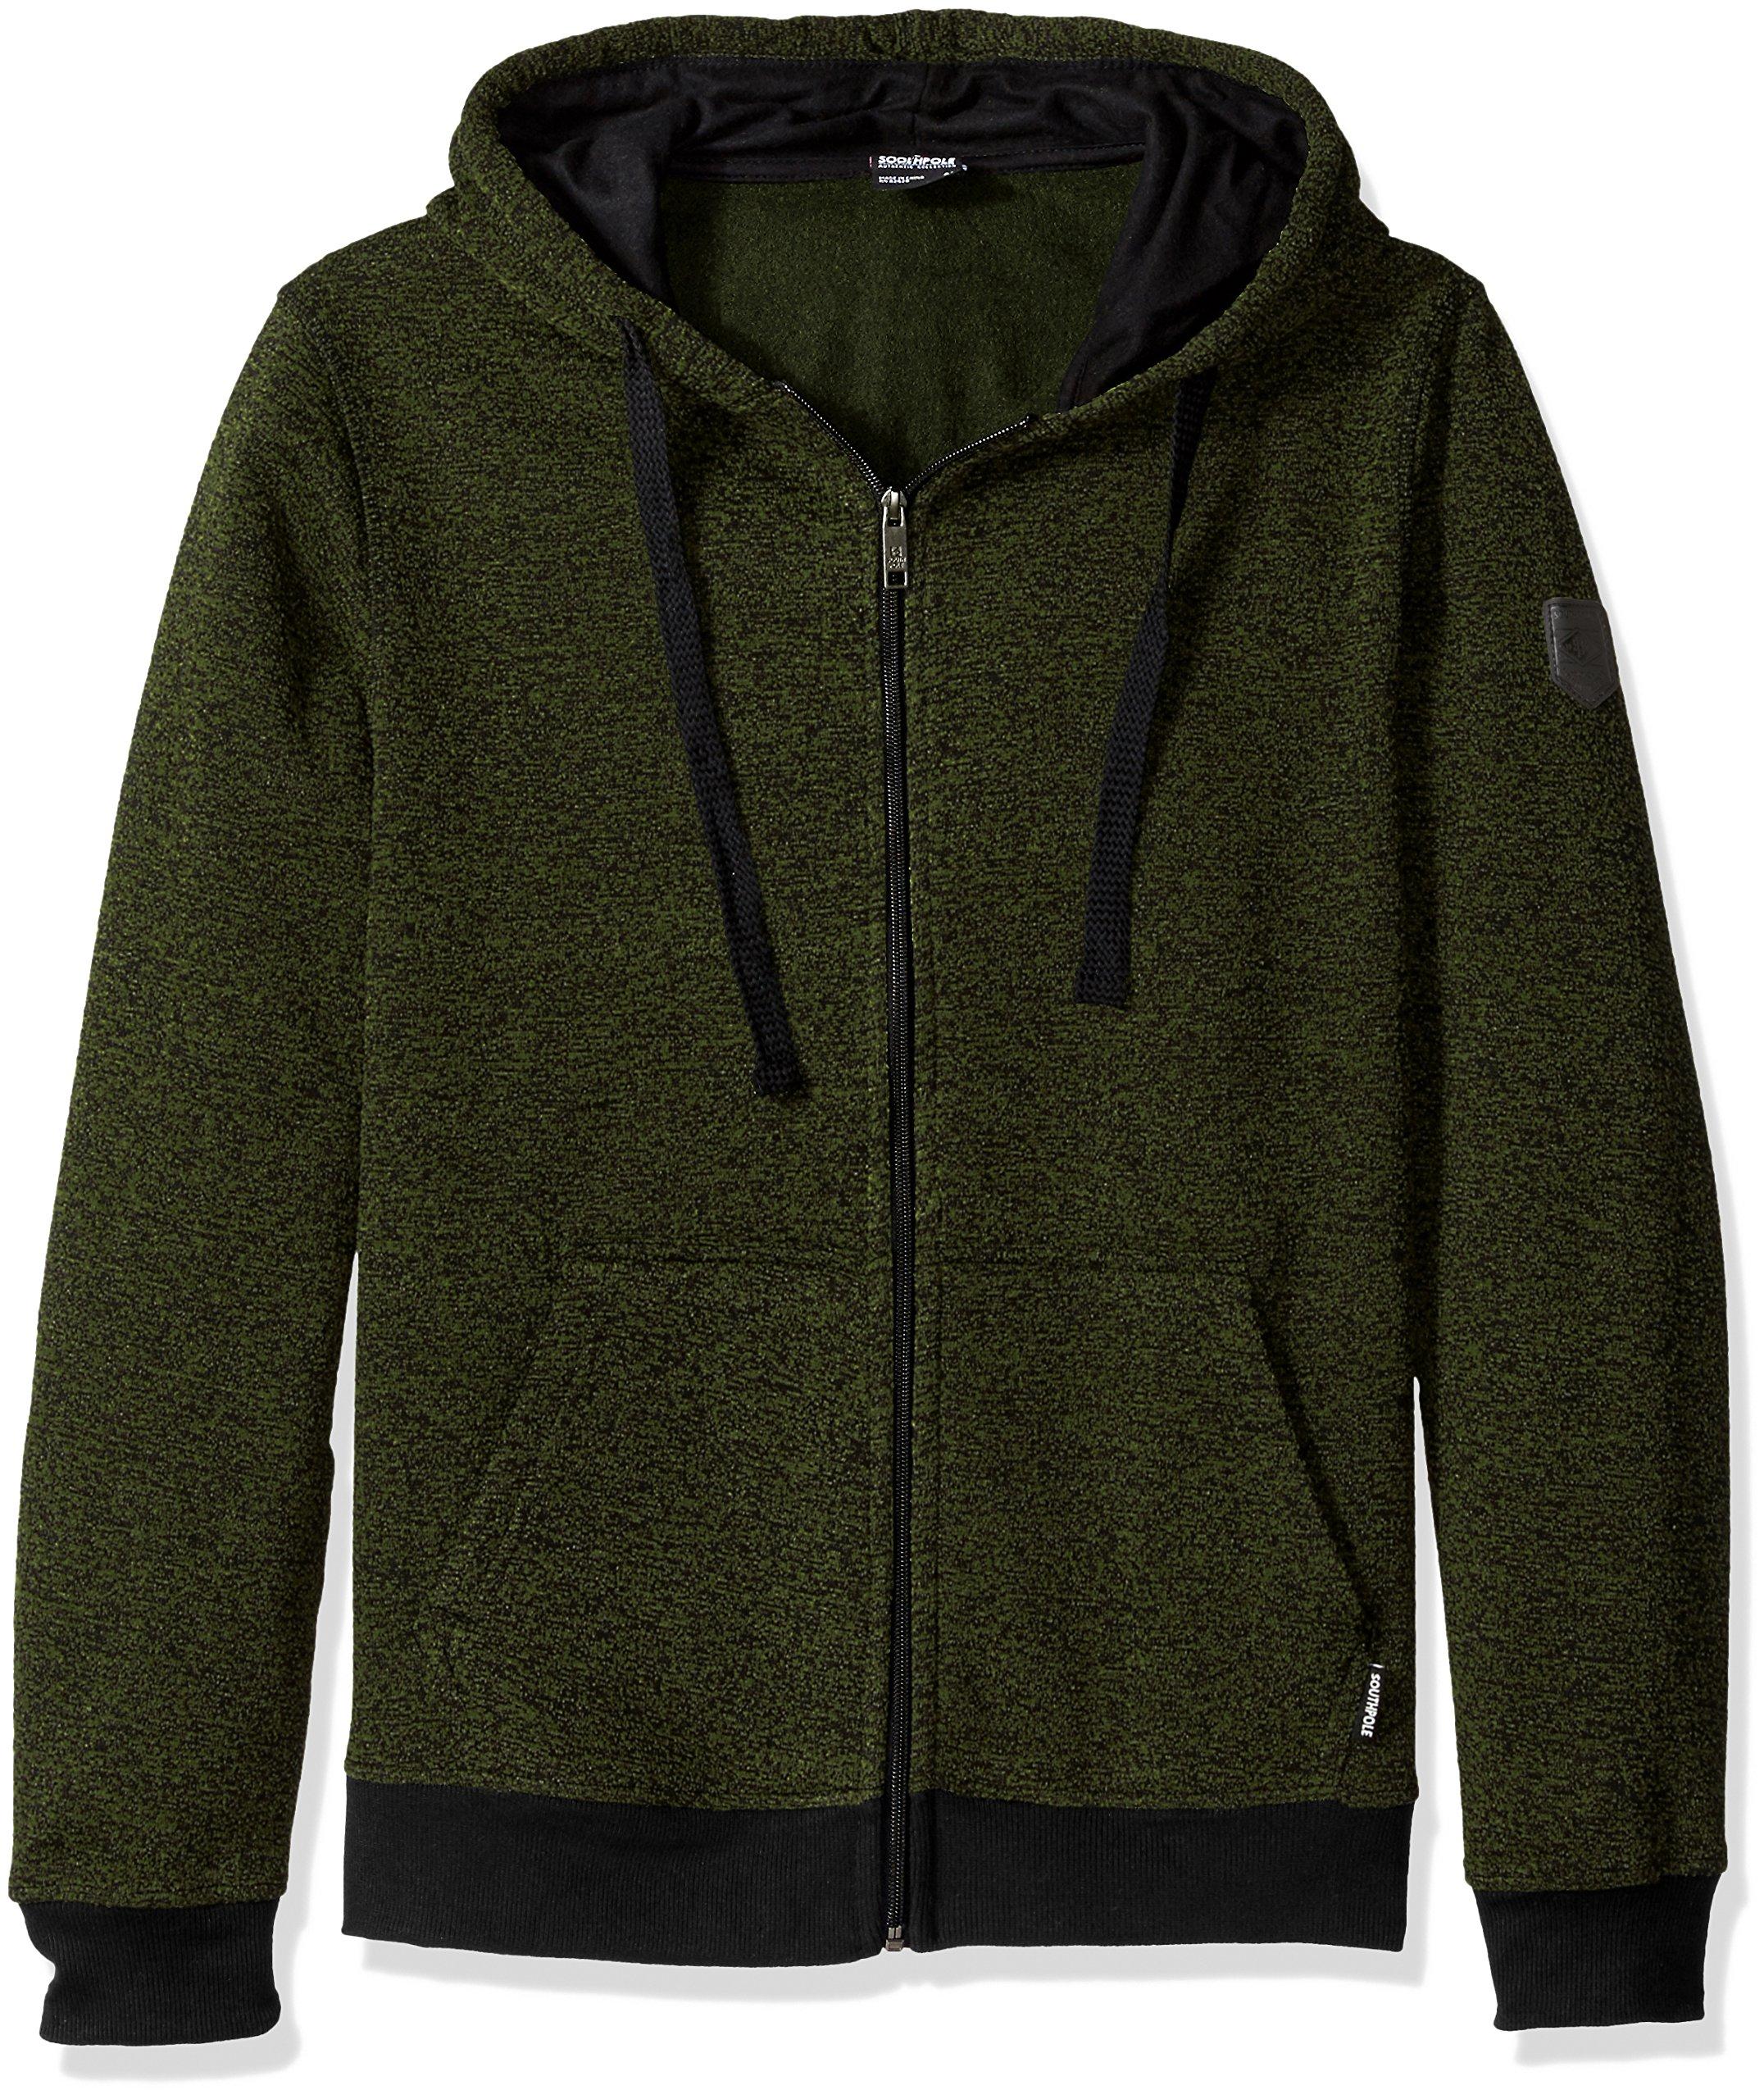 Southpole Basic Marled Fleece Hooded Full Zip Jacket